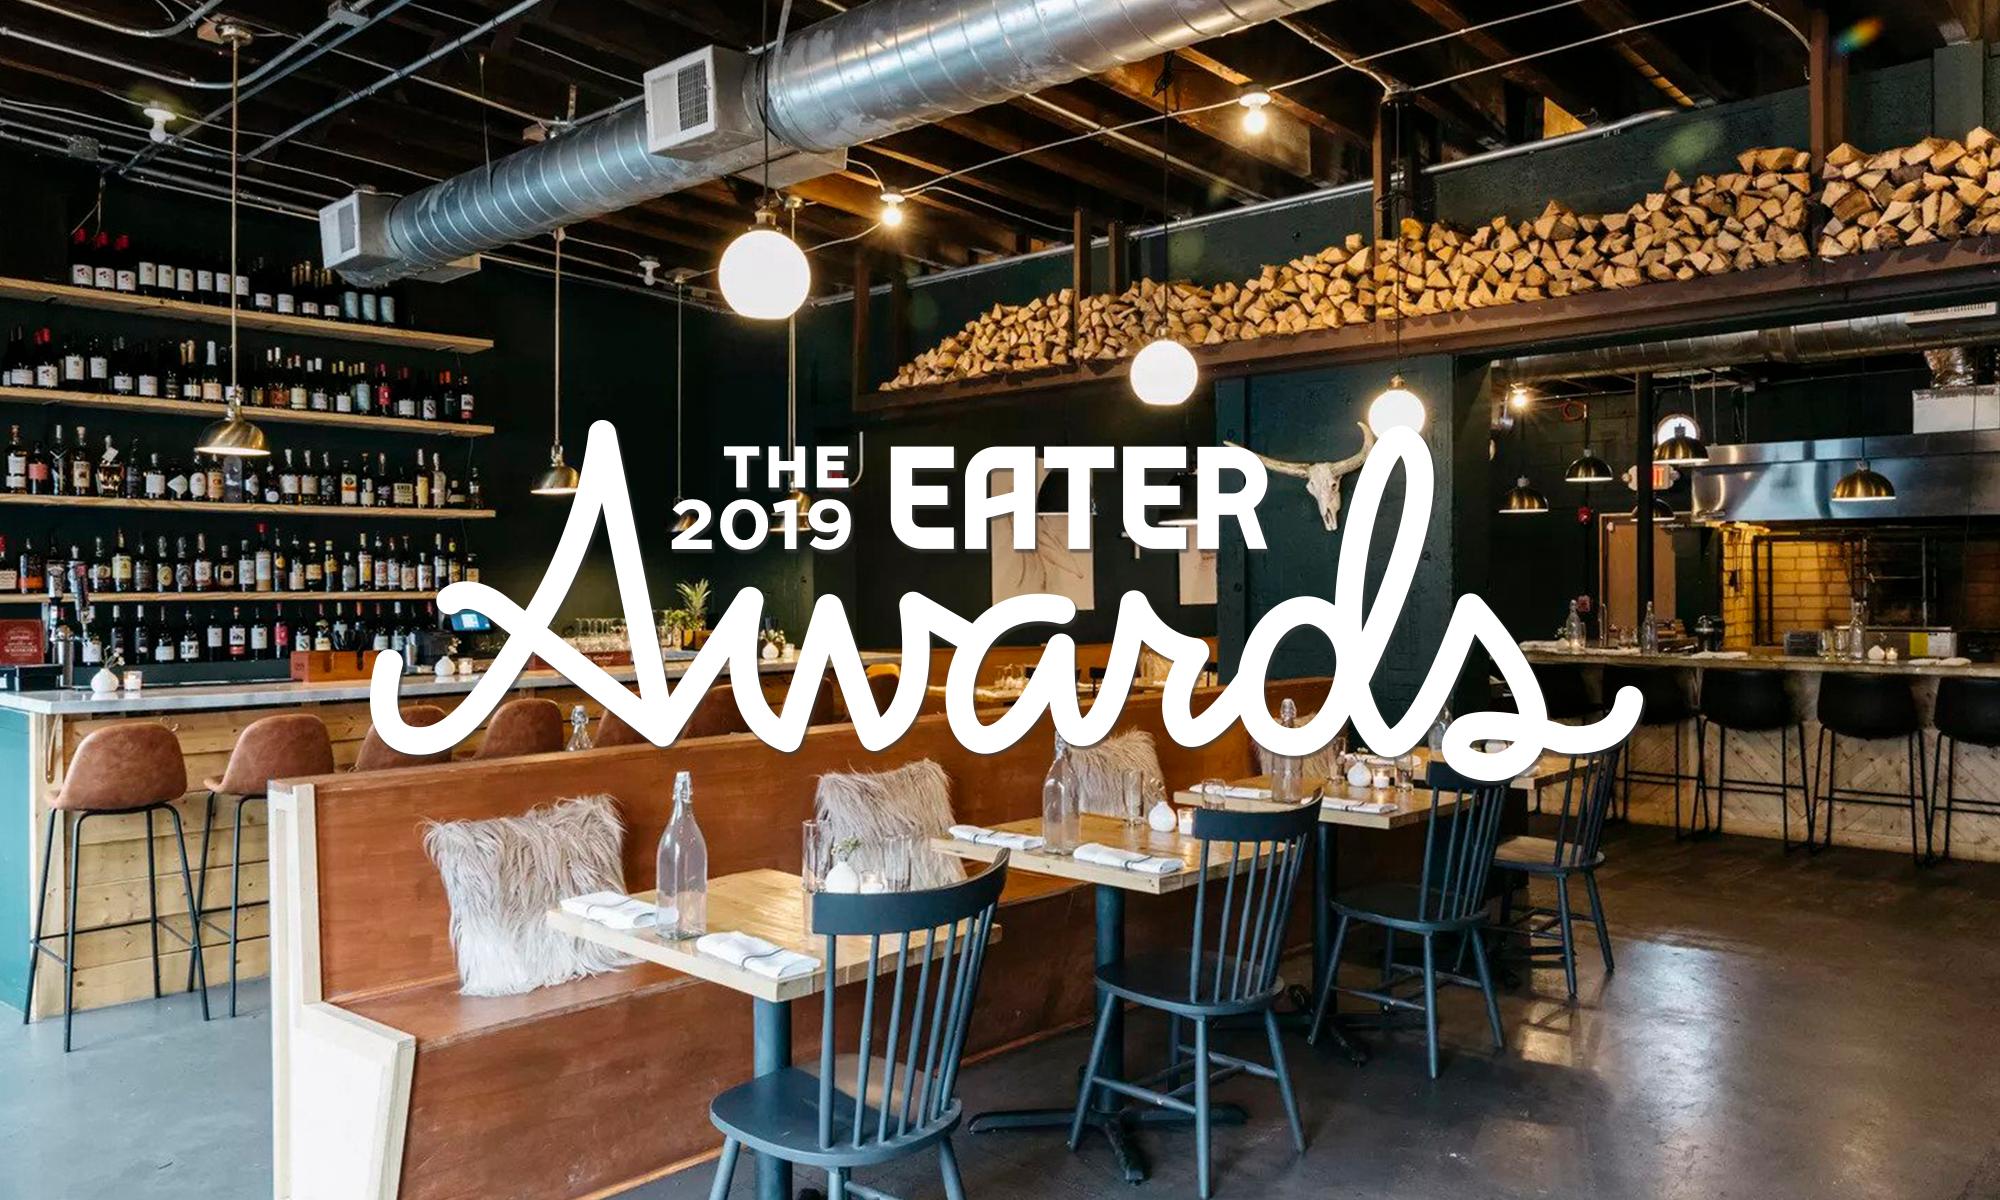 Nashville's 2019 Eater Award Winners